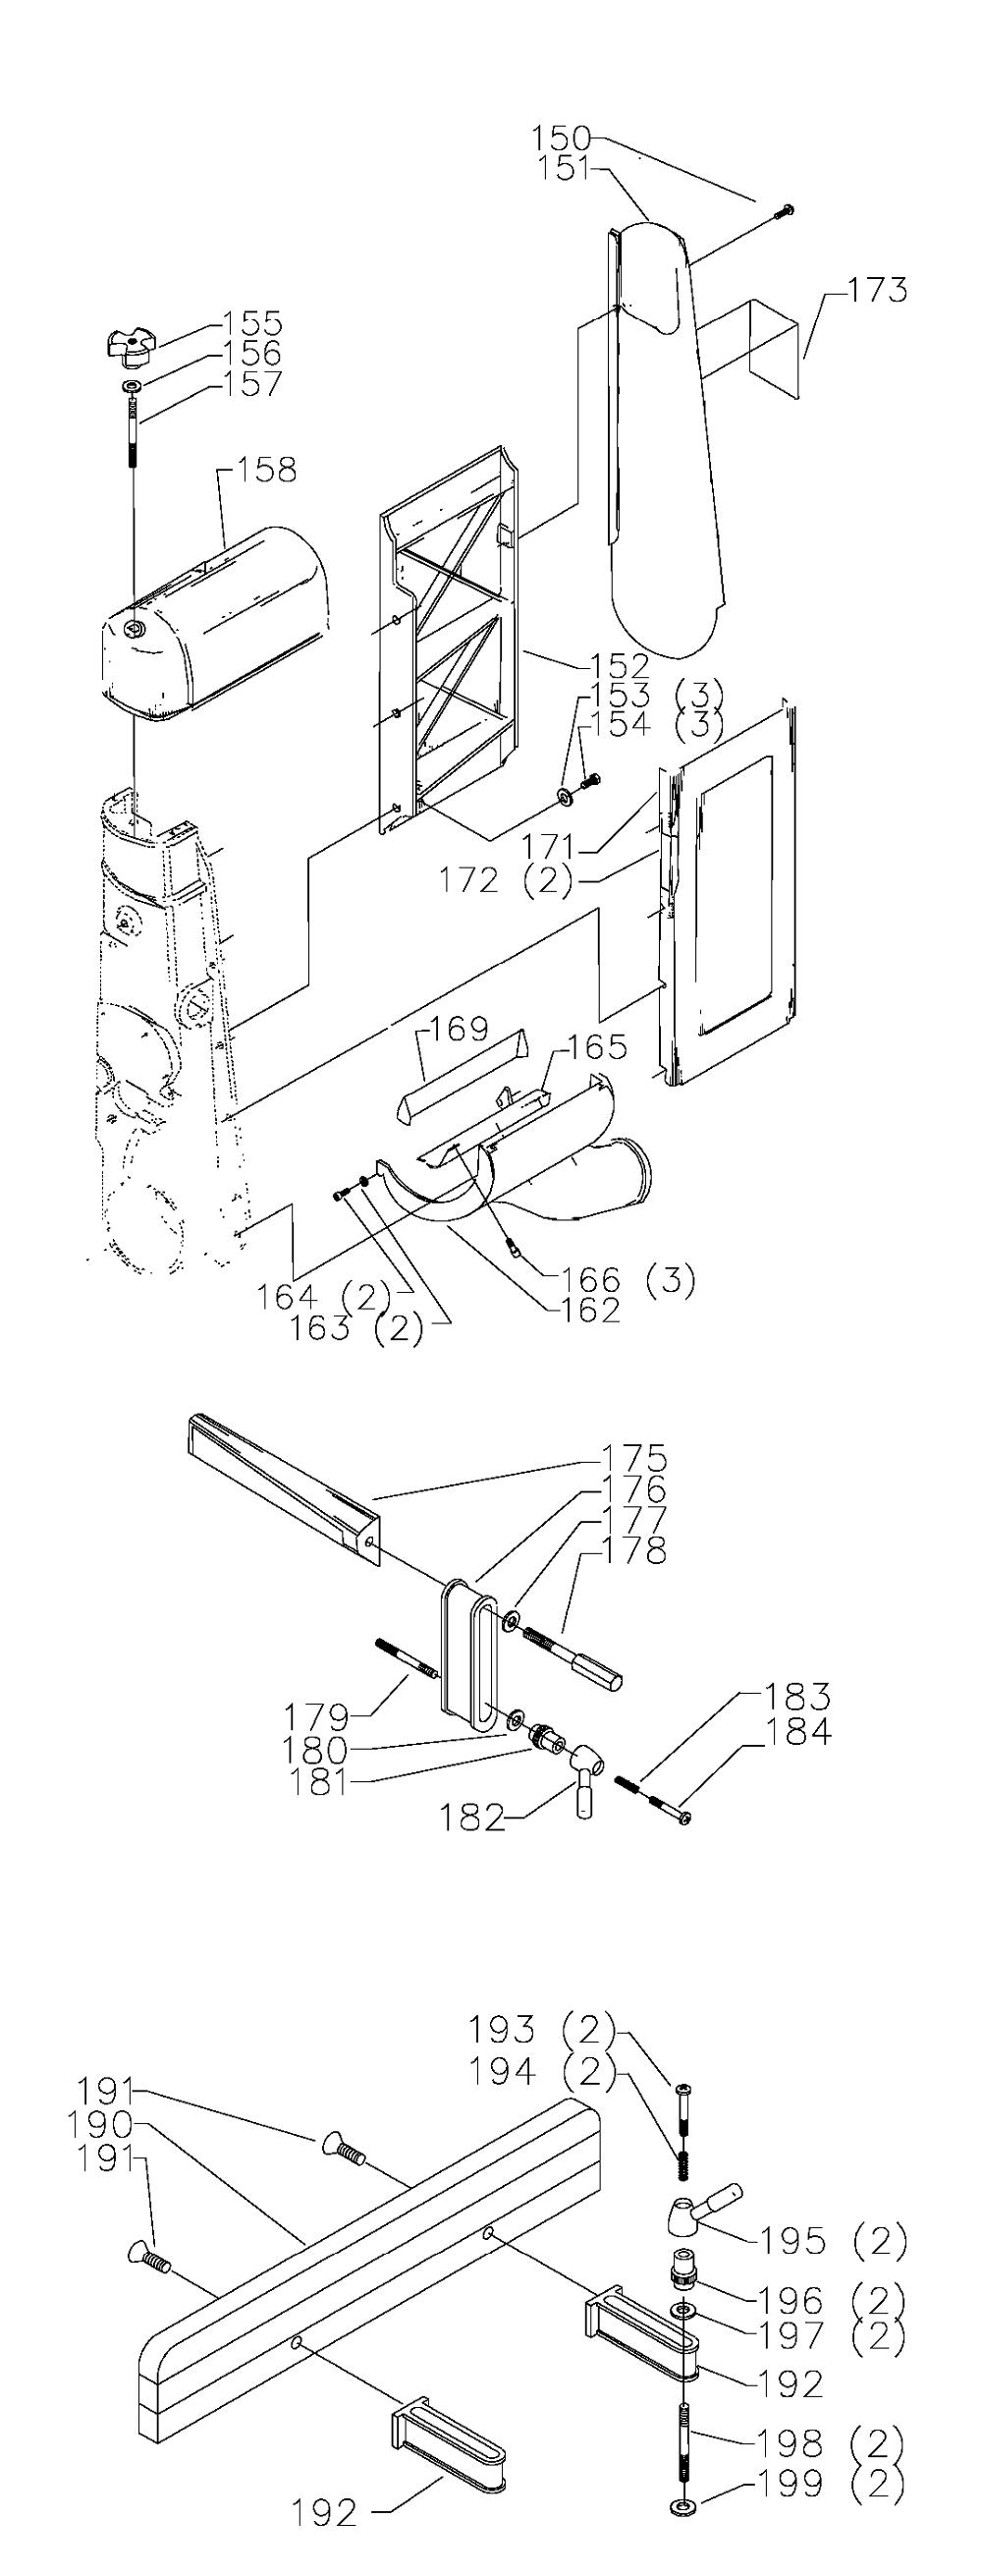 31-731B-delta-PB-1Break Down